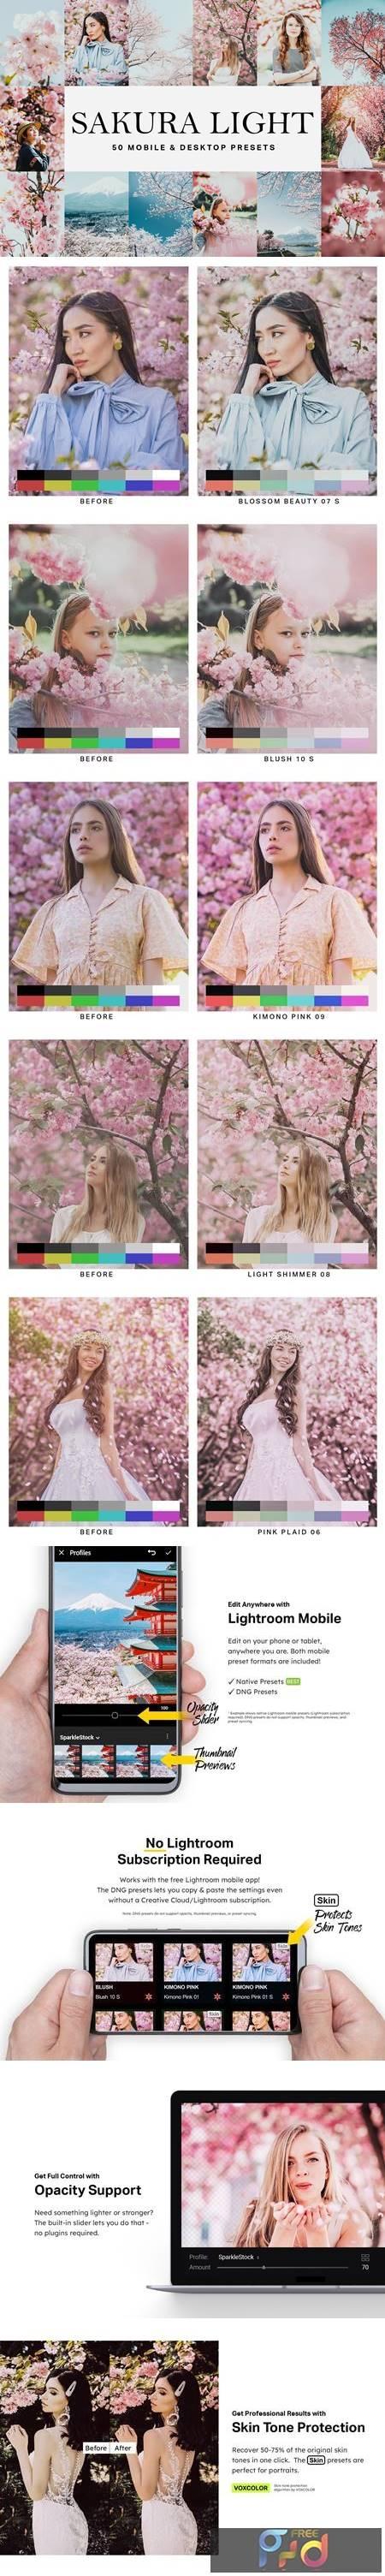 50 Sakura Light Lightroom Presets and LUTs 4783167 1